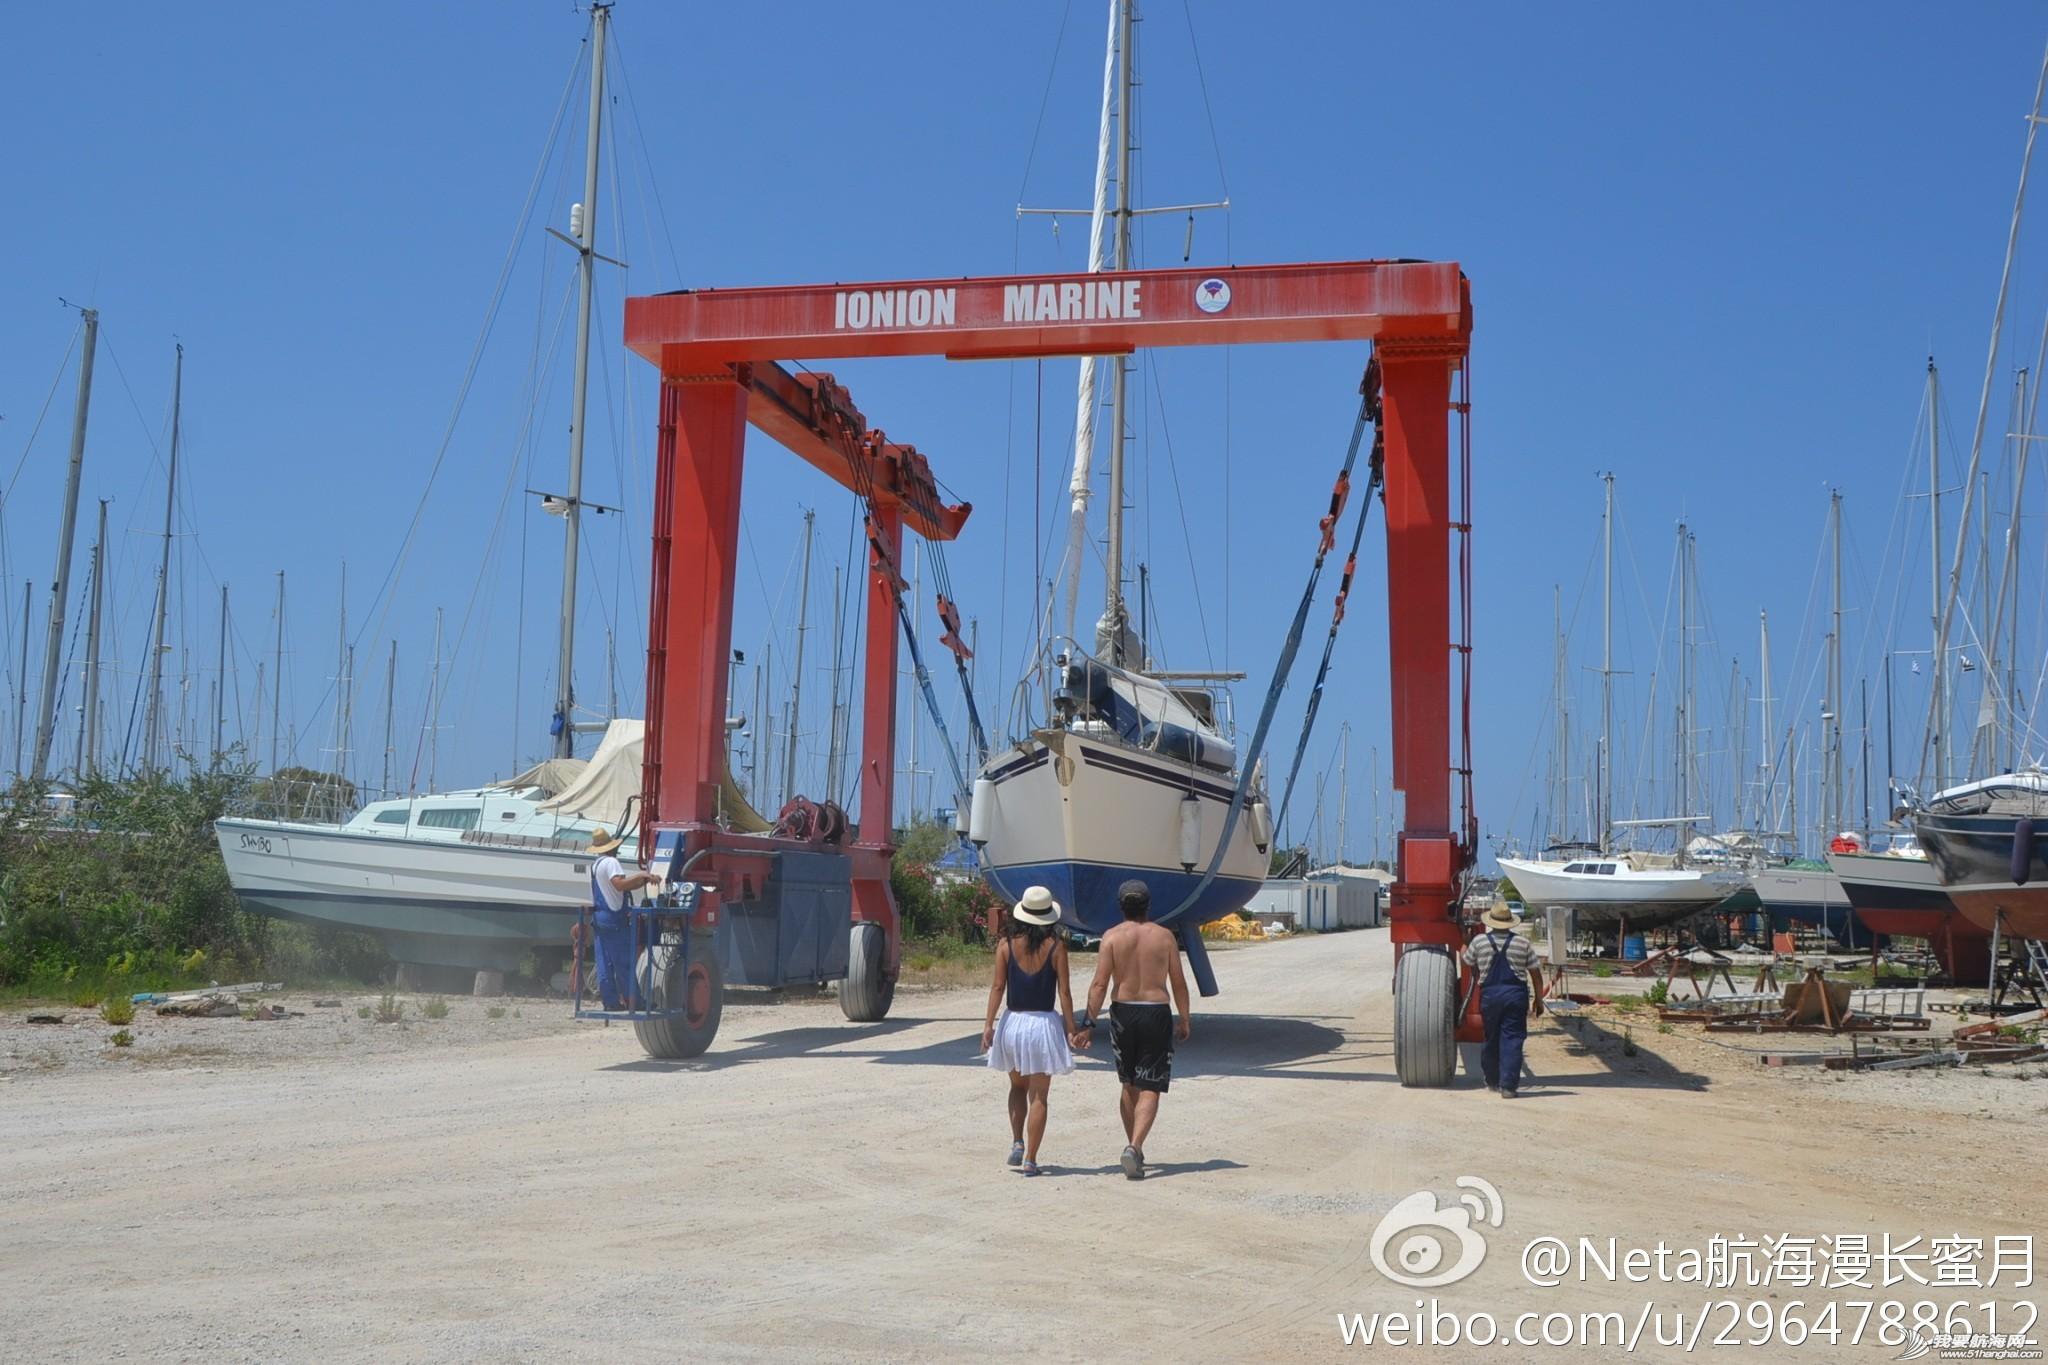 欧洲买船之:个人维修经验:降低成本 b0b71584gw1emmnyug3a3j21kw11x7o5.jpg